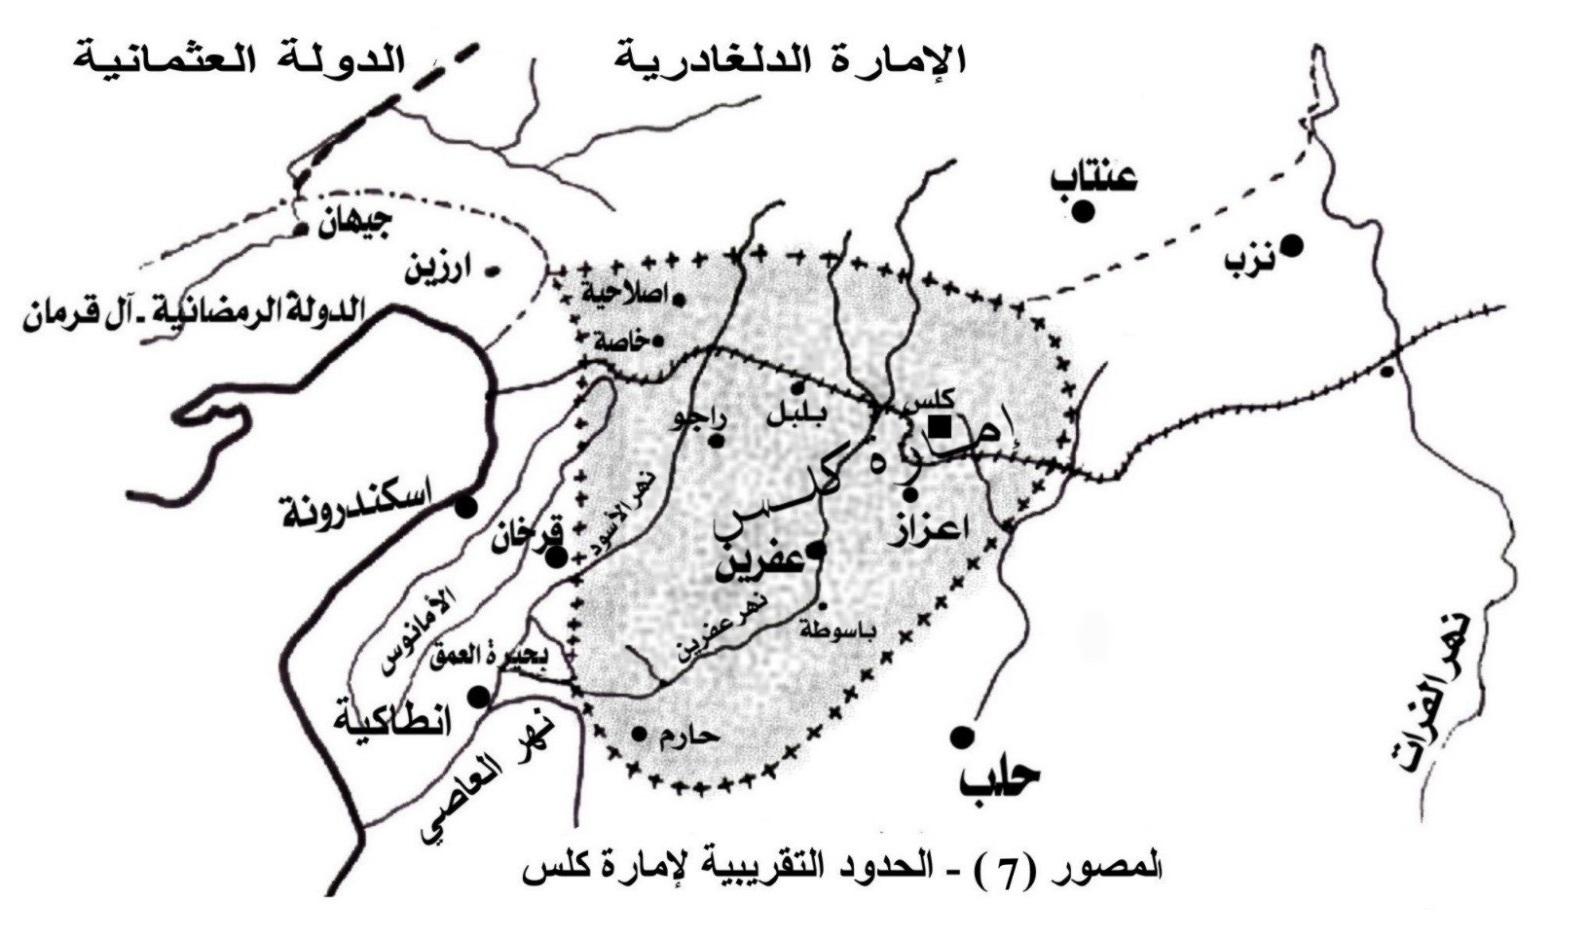 الوجود-الكردي-في-شمال-سوريا-الفصل-الأول-4